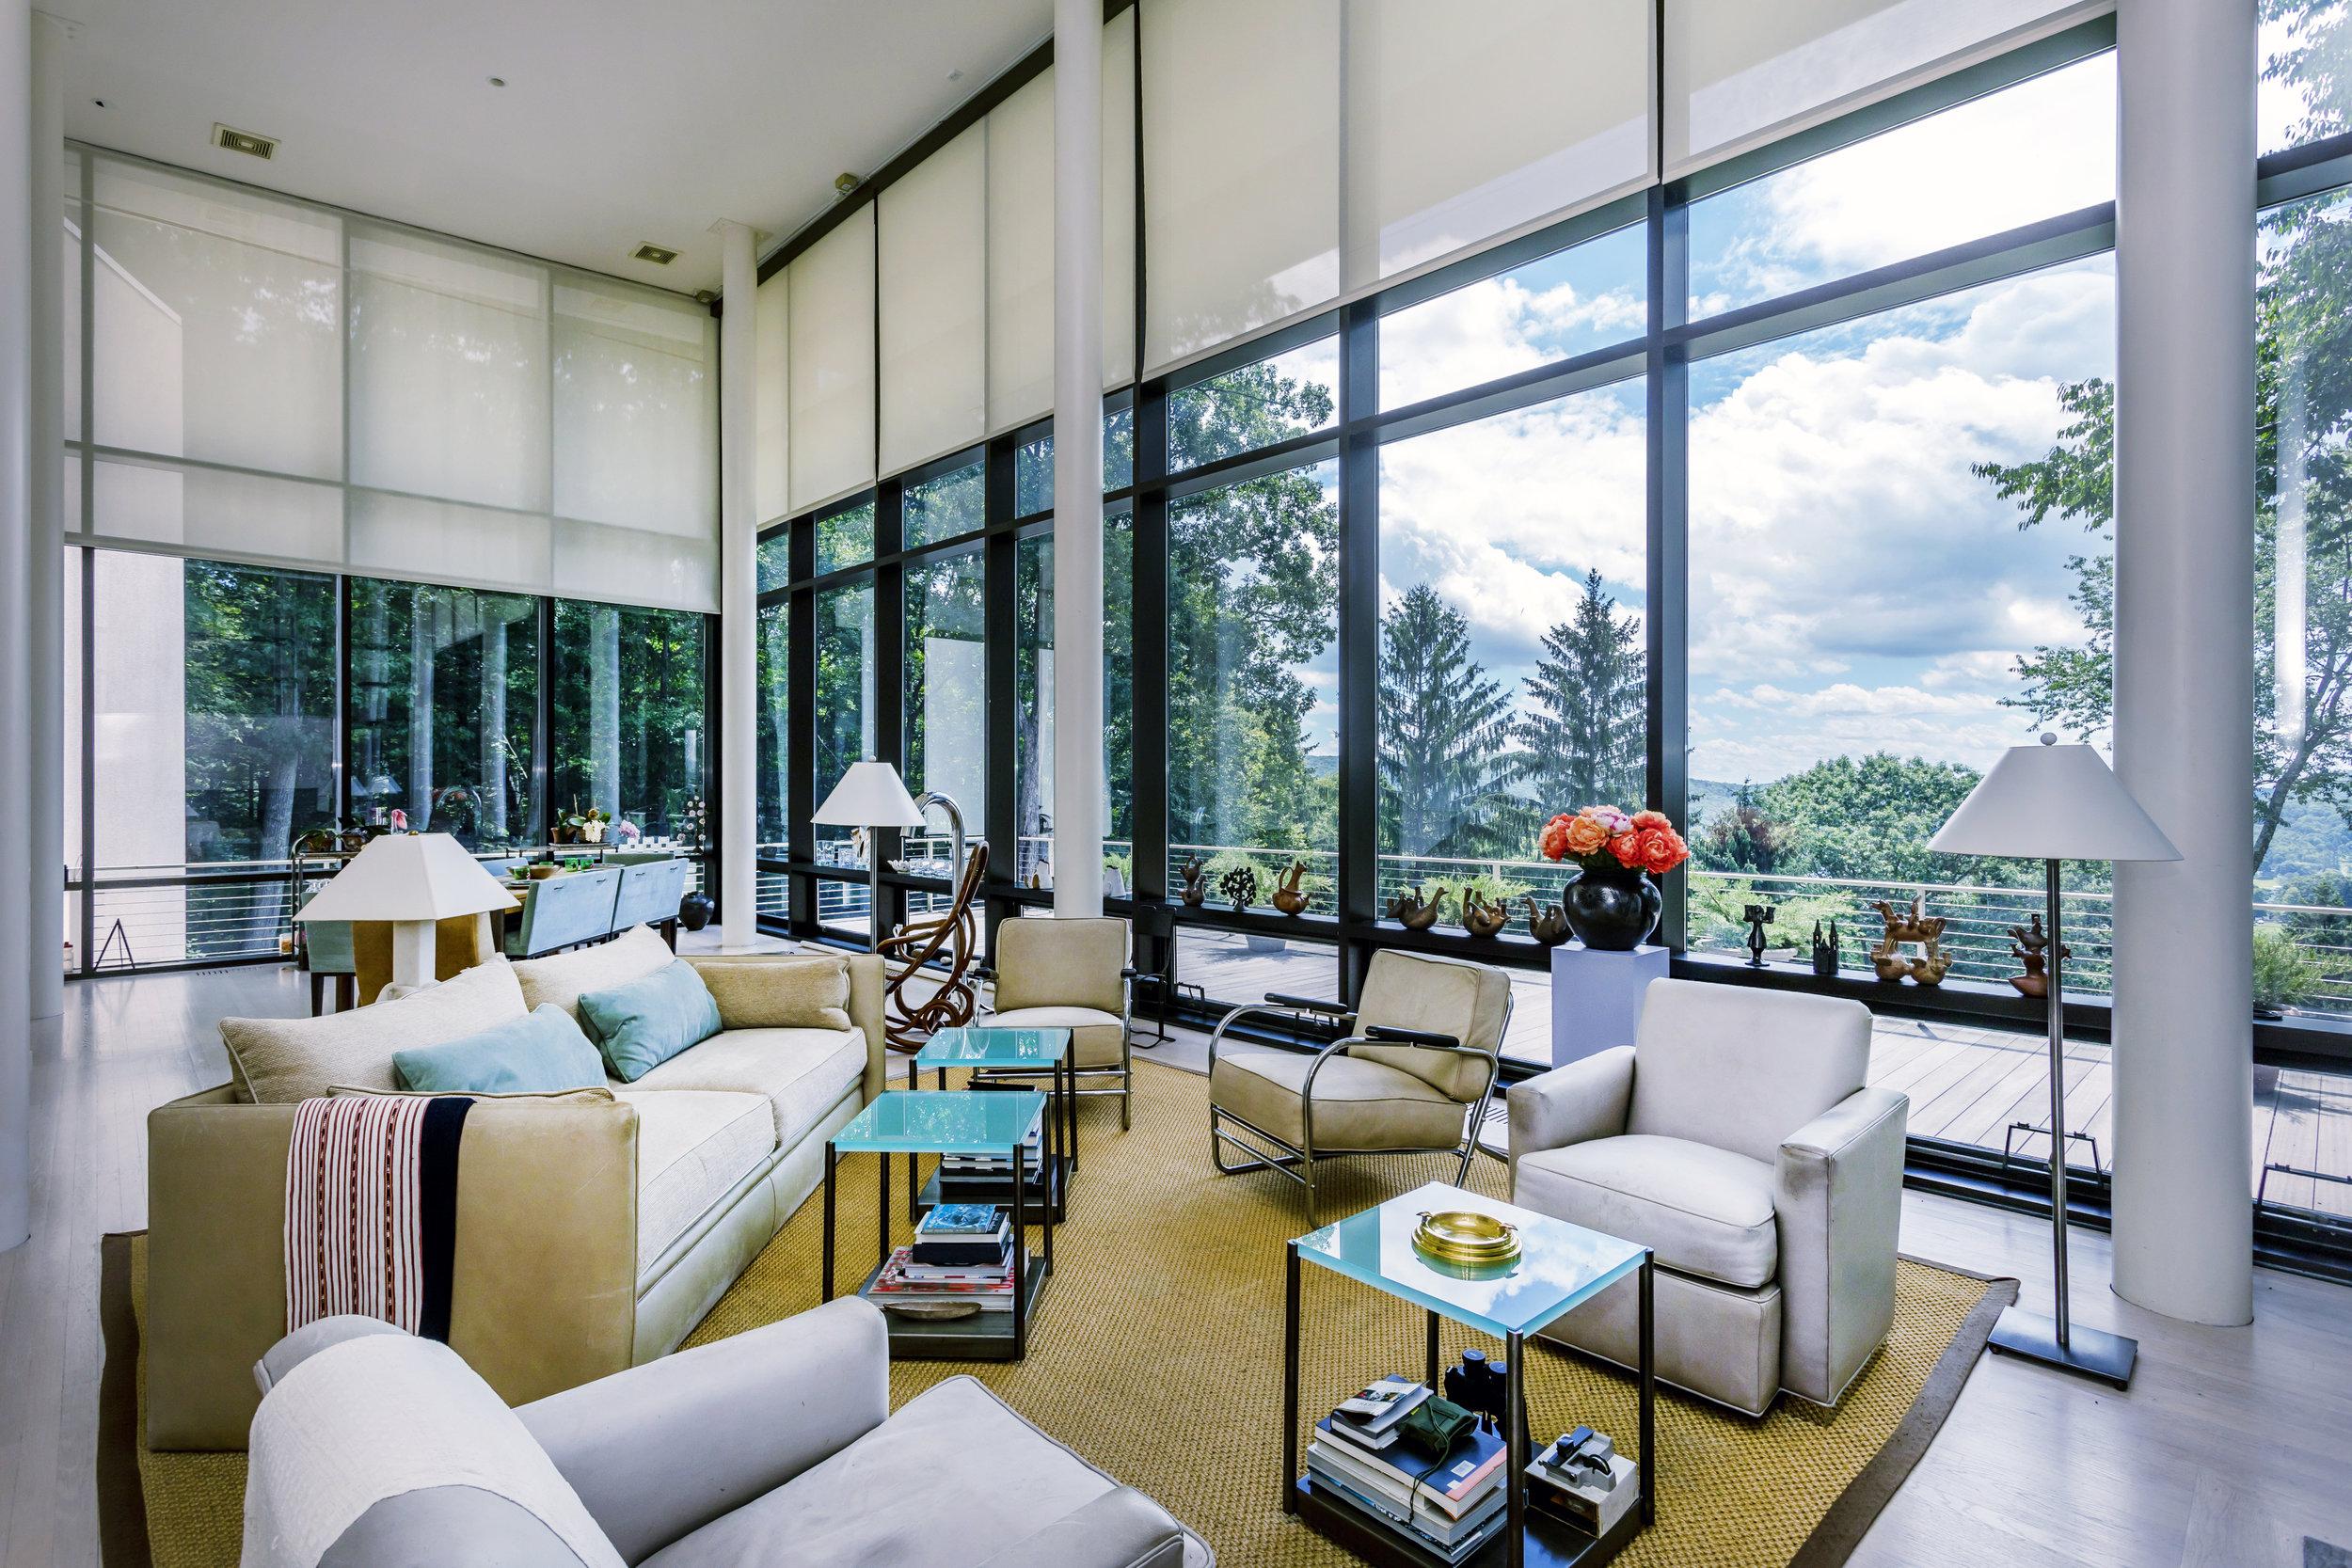 living room7.jpg